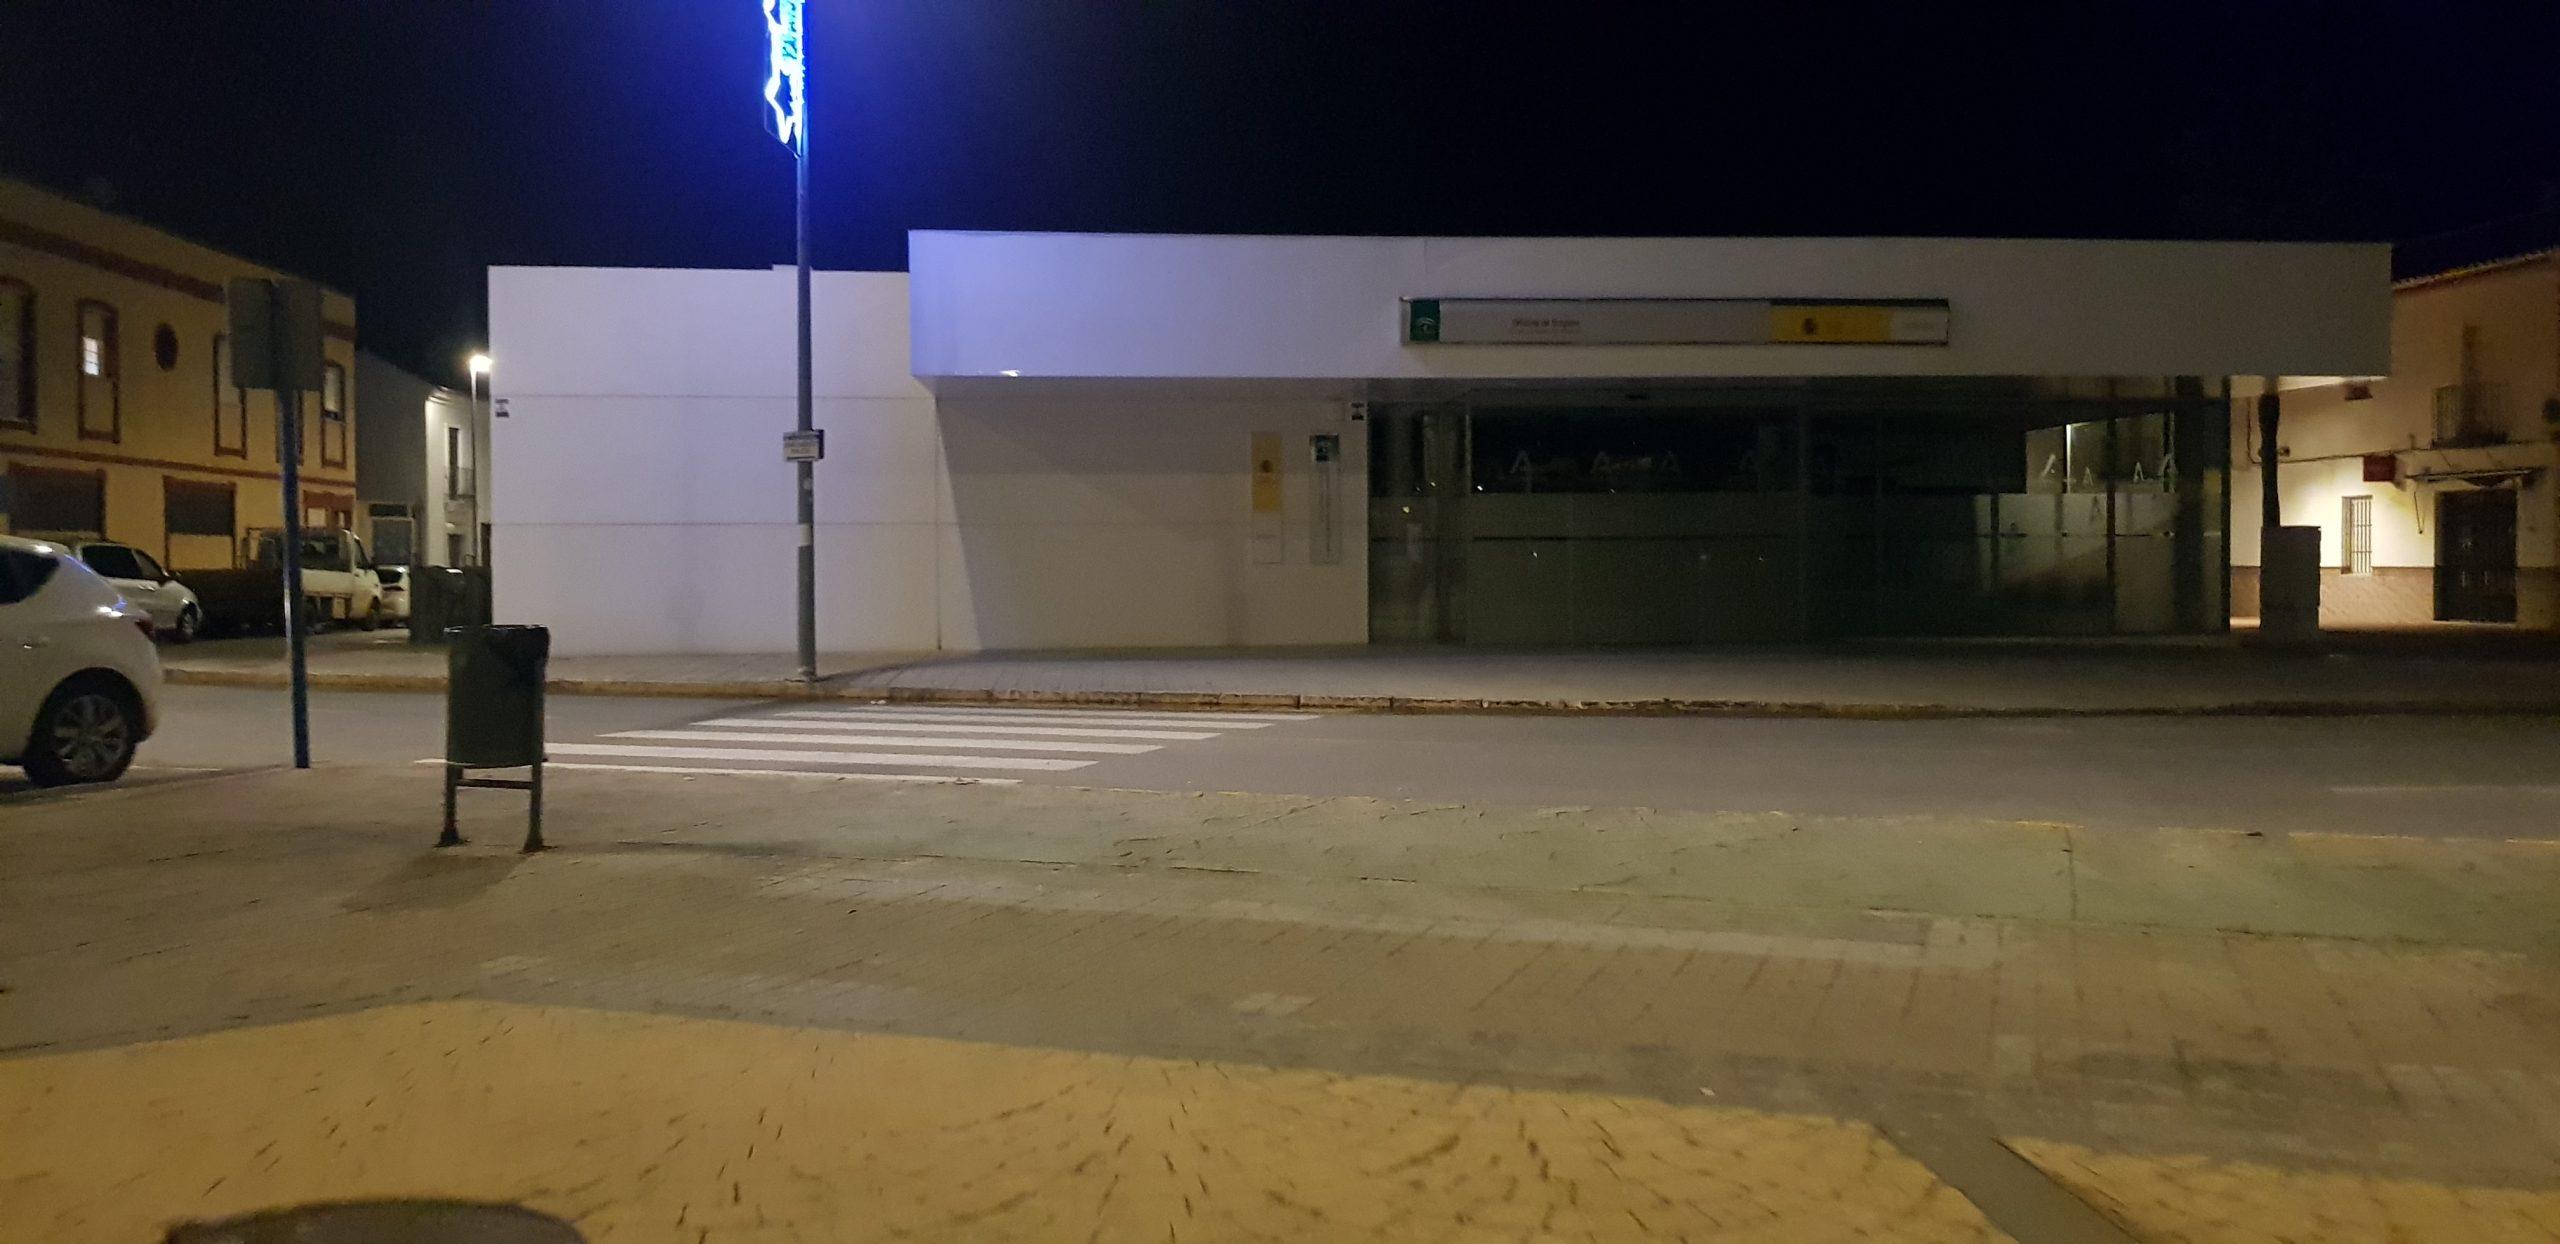 Lugar donde ha ocurrido el suceso, junto a la farola del fondo